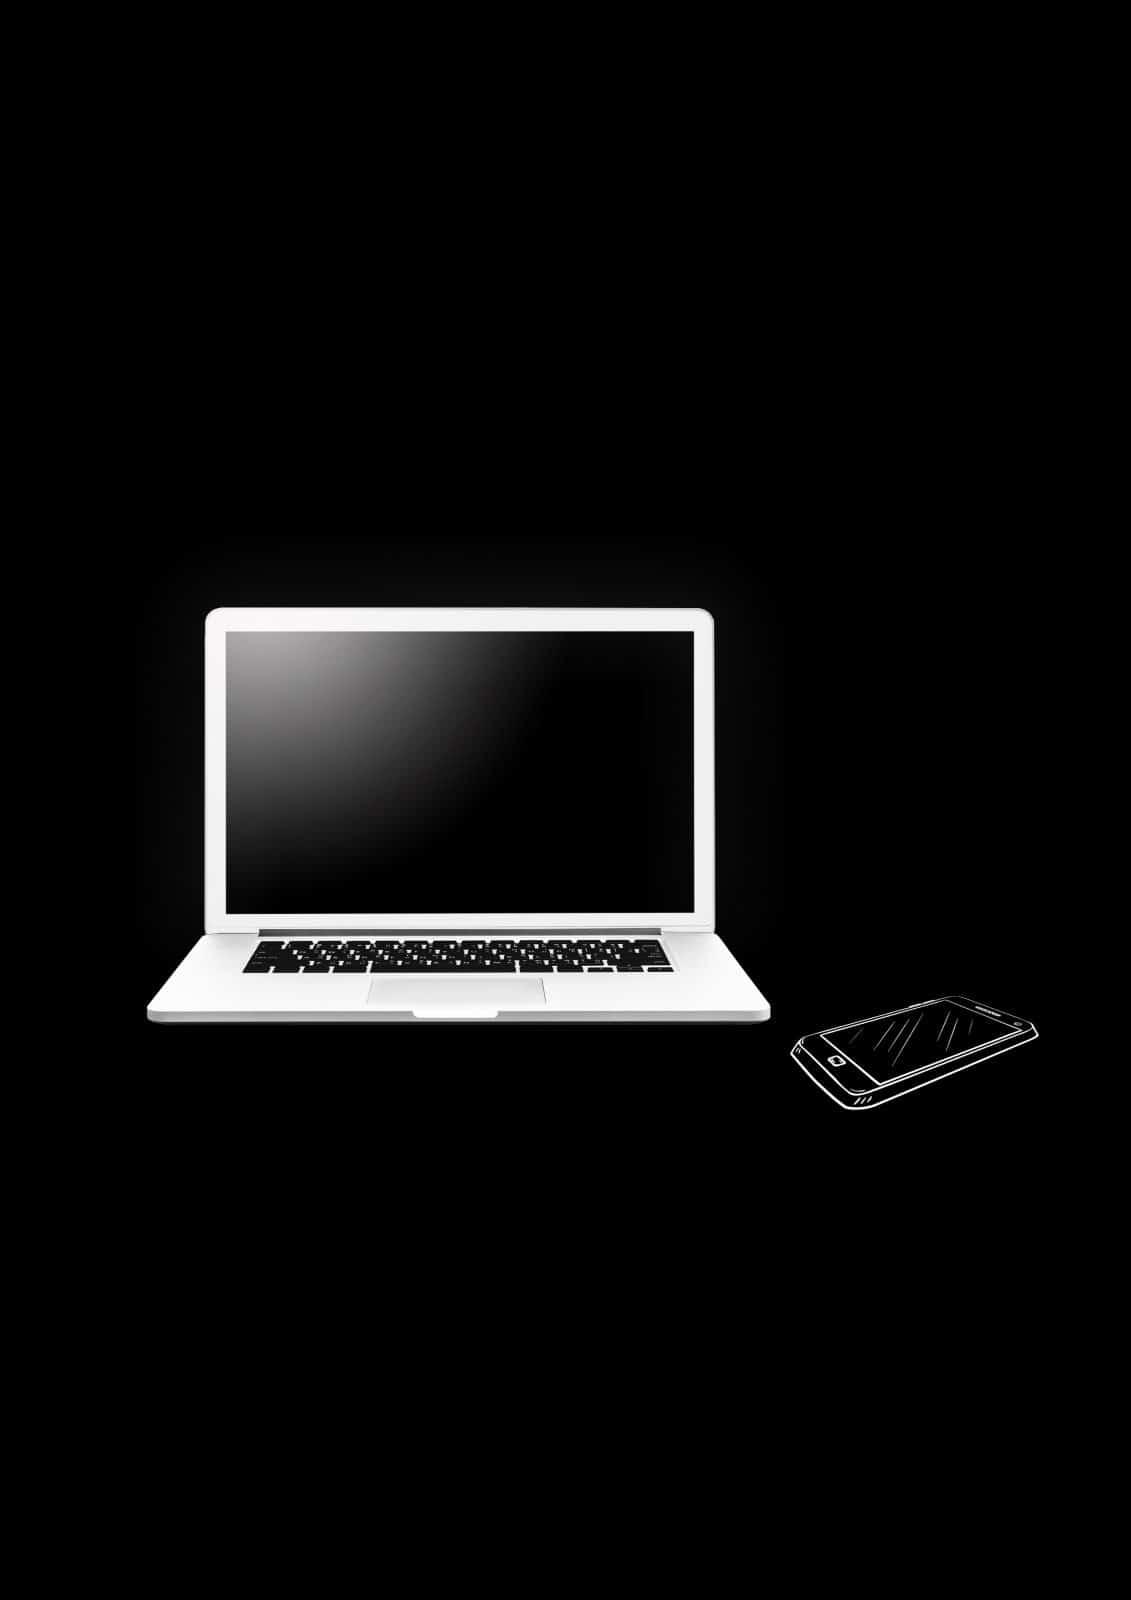 Laptop und Smartphone vor schwarzem Hintergrund